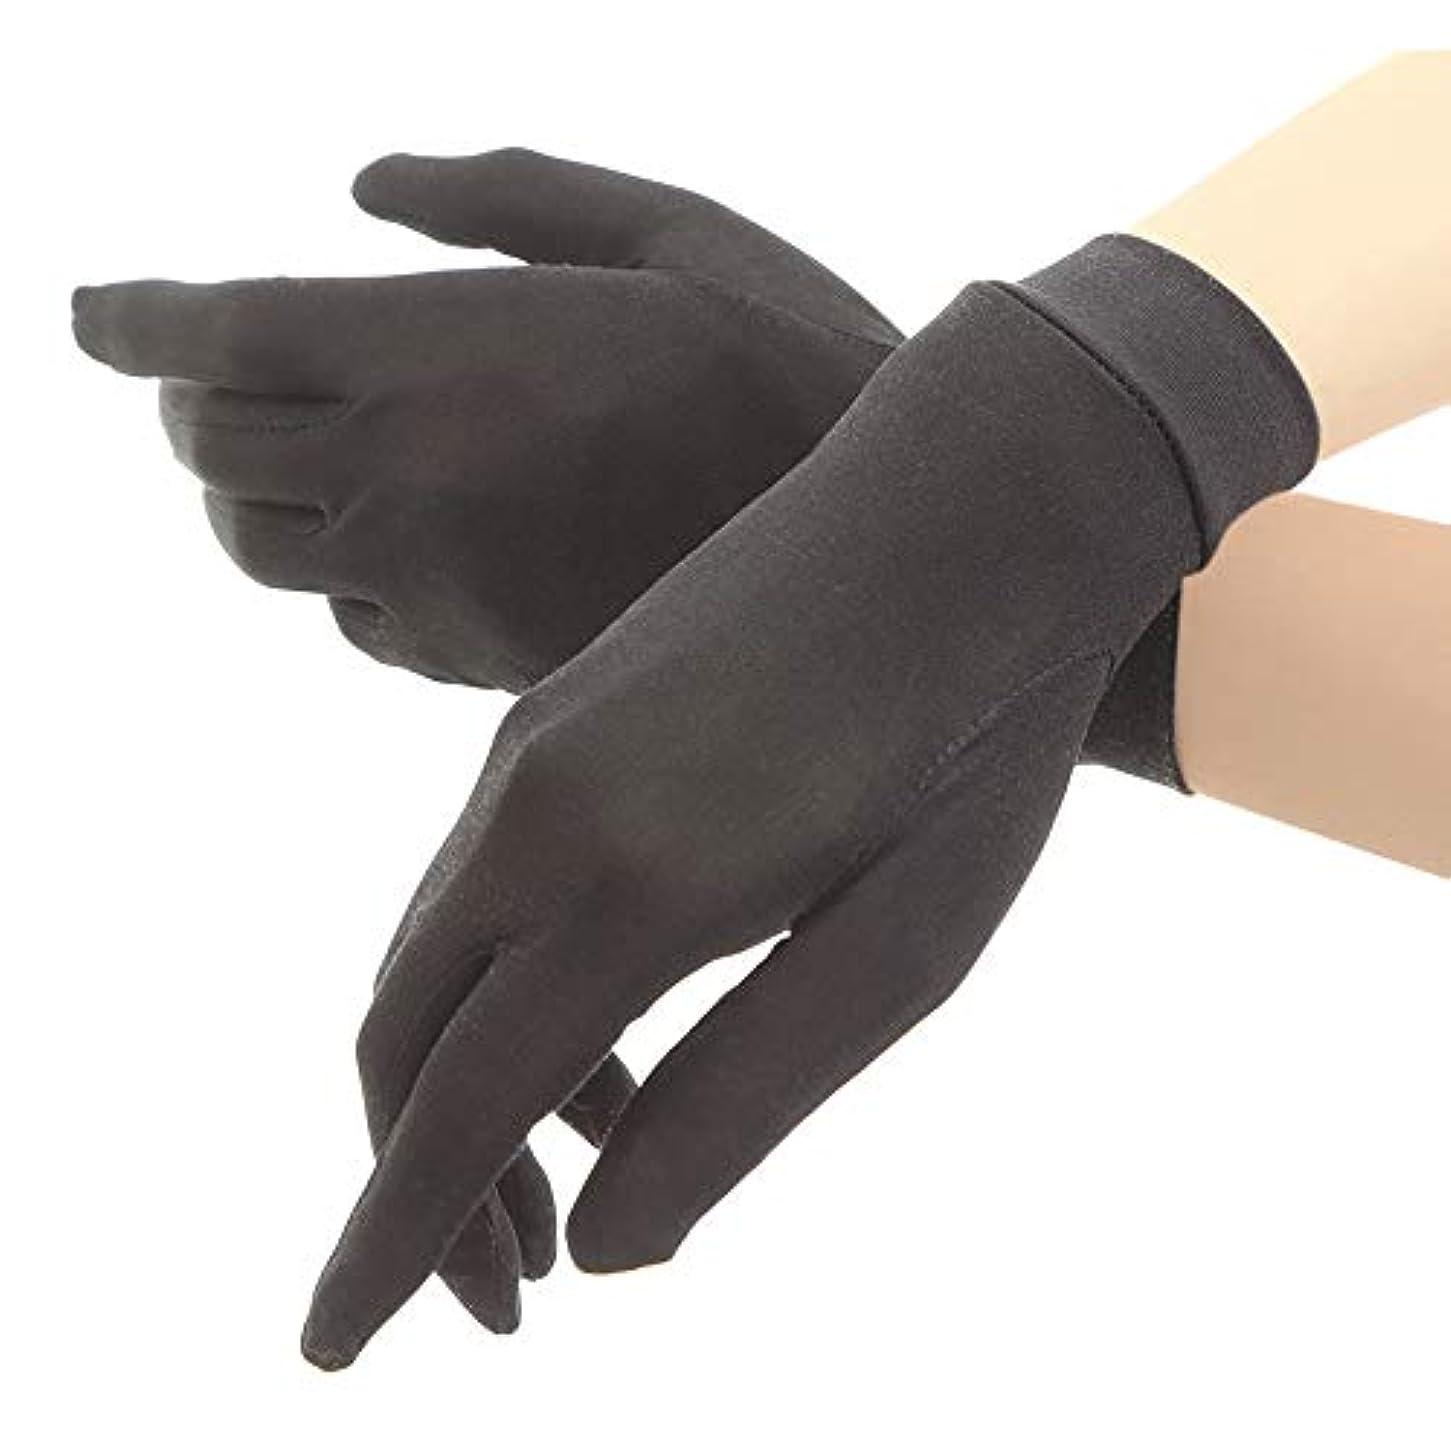 倍率説教する交流するシルク手袋 レディース 手袋 シルク 絹 ハンド ケア 保湿 紫外線 肌荒れ 乾燥 サイズアップで手指にマッチ 【macch】